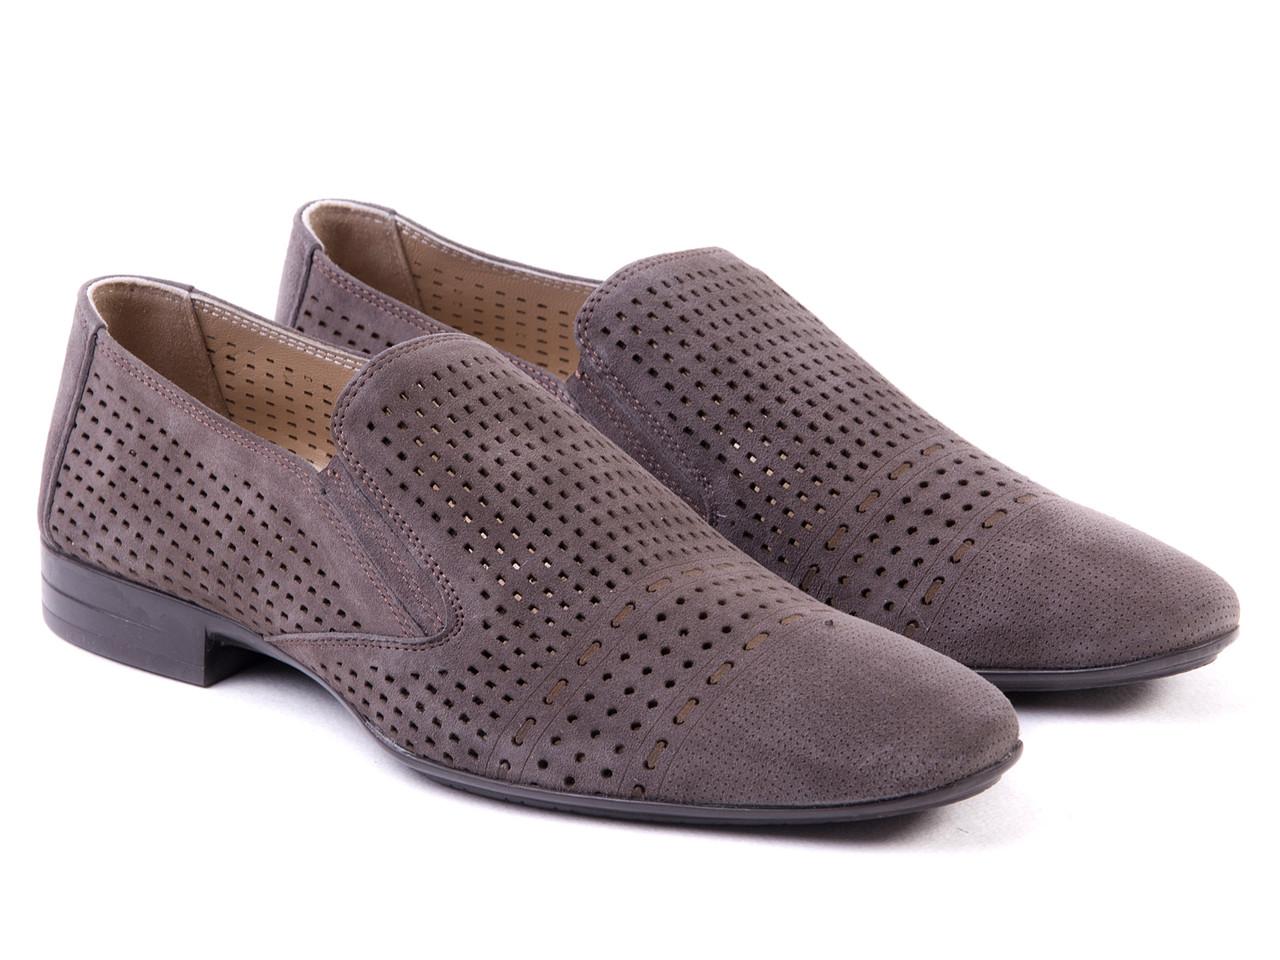 Туфли Etor 11496-7118-16530 серые